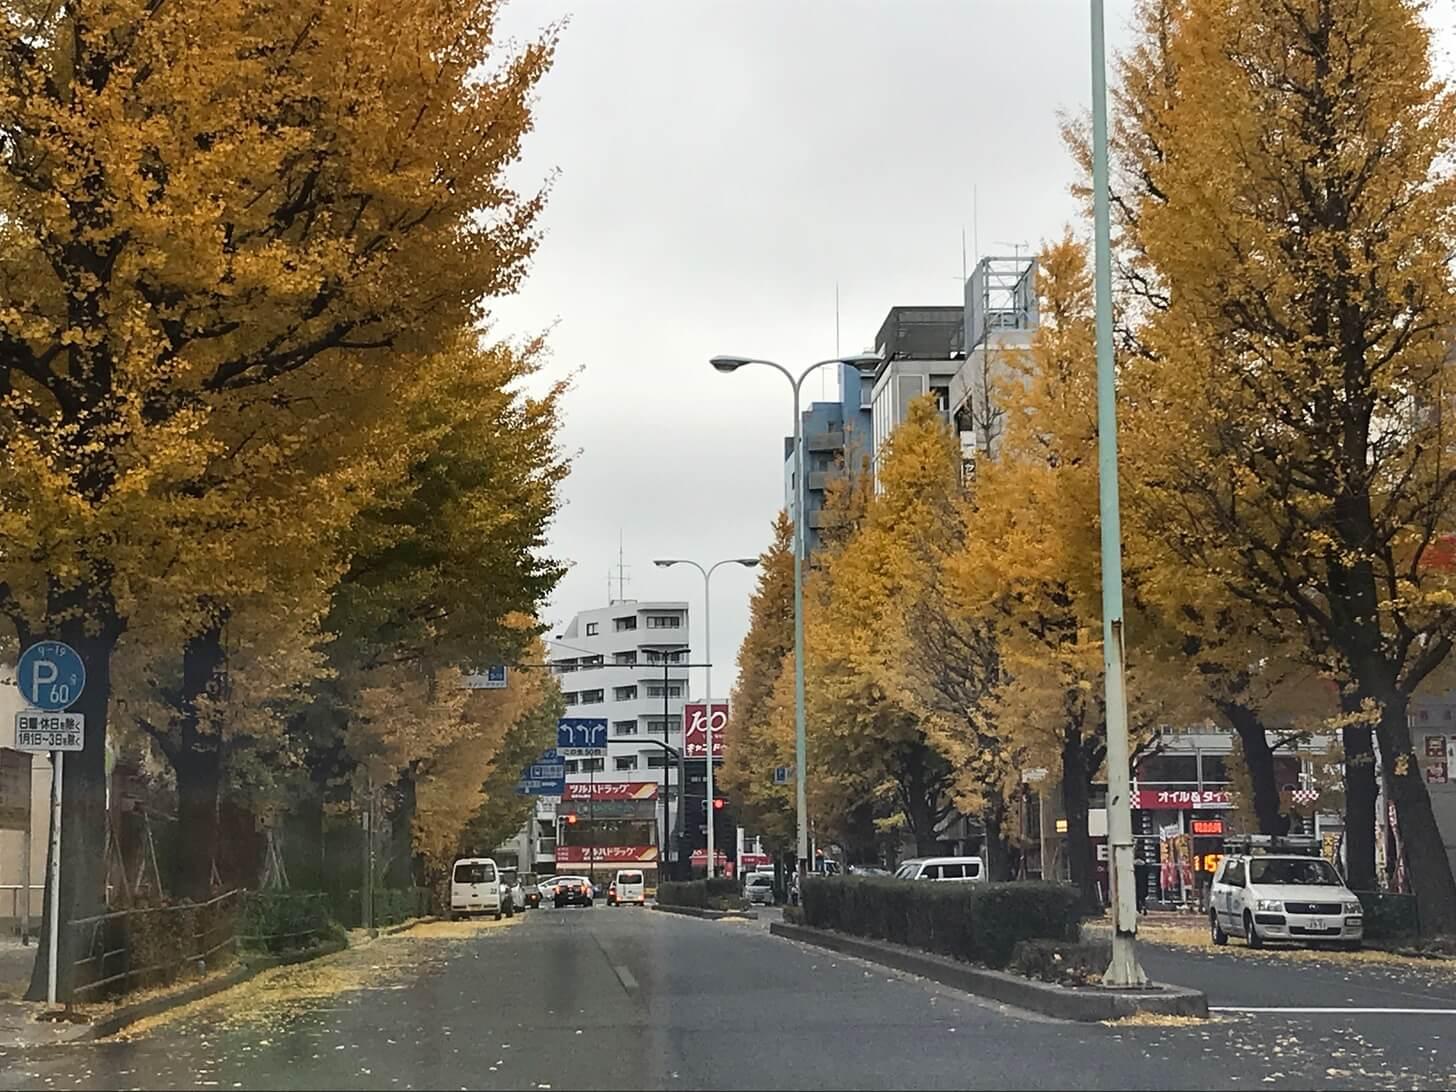 タクシードライバーの最大の敵は渋滞かもしれない【2017/12/01(金)の乗務記録】